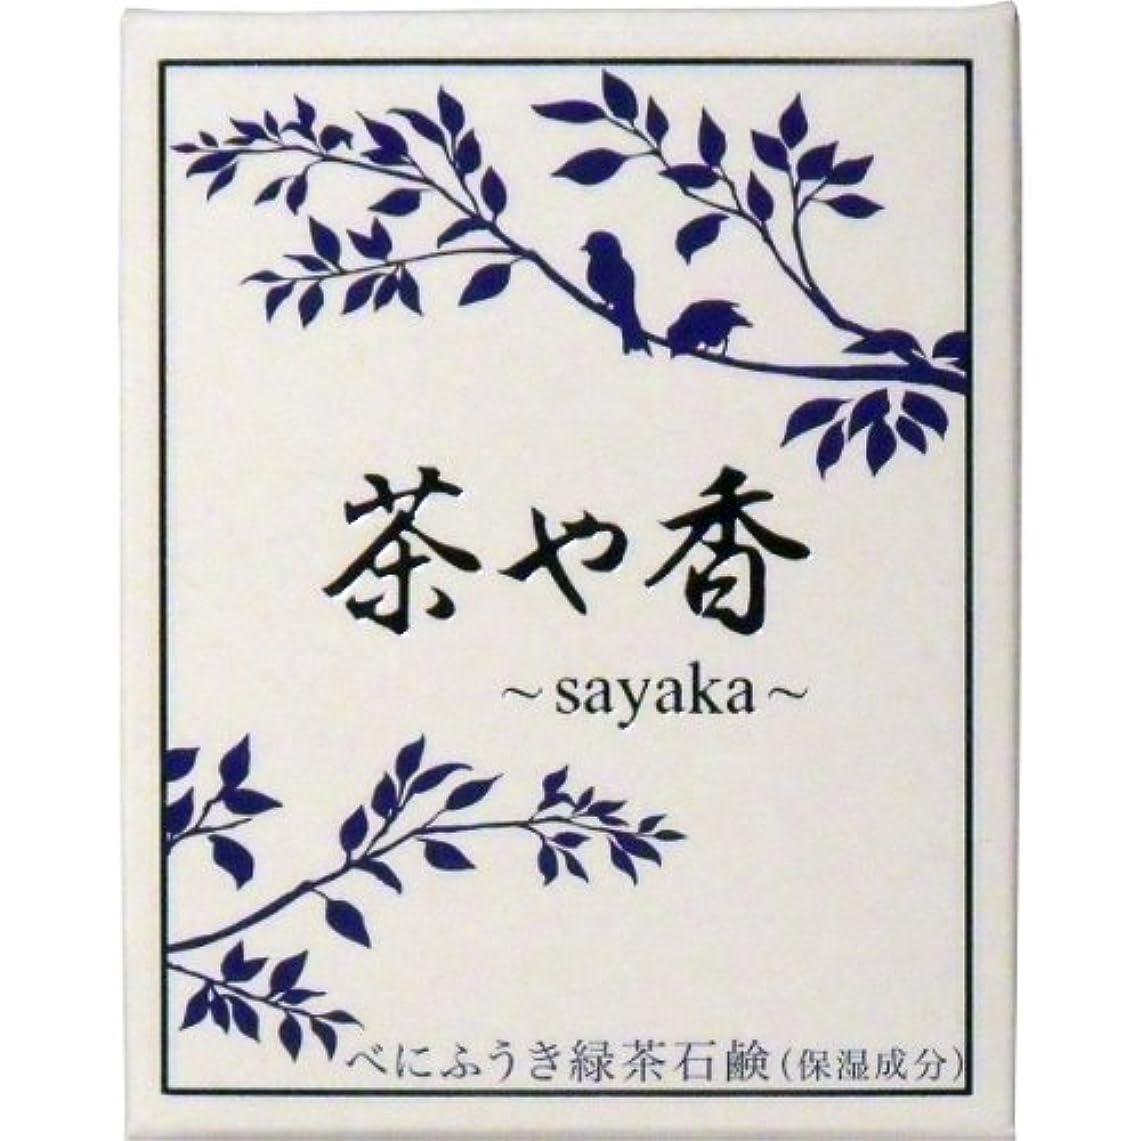 バレーボール織る乞食進製作所 べにふうき緑茶石鹸 茶や香~sayaka~ 100g